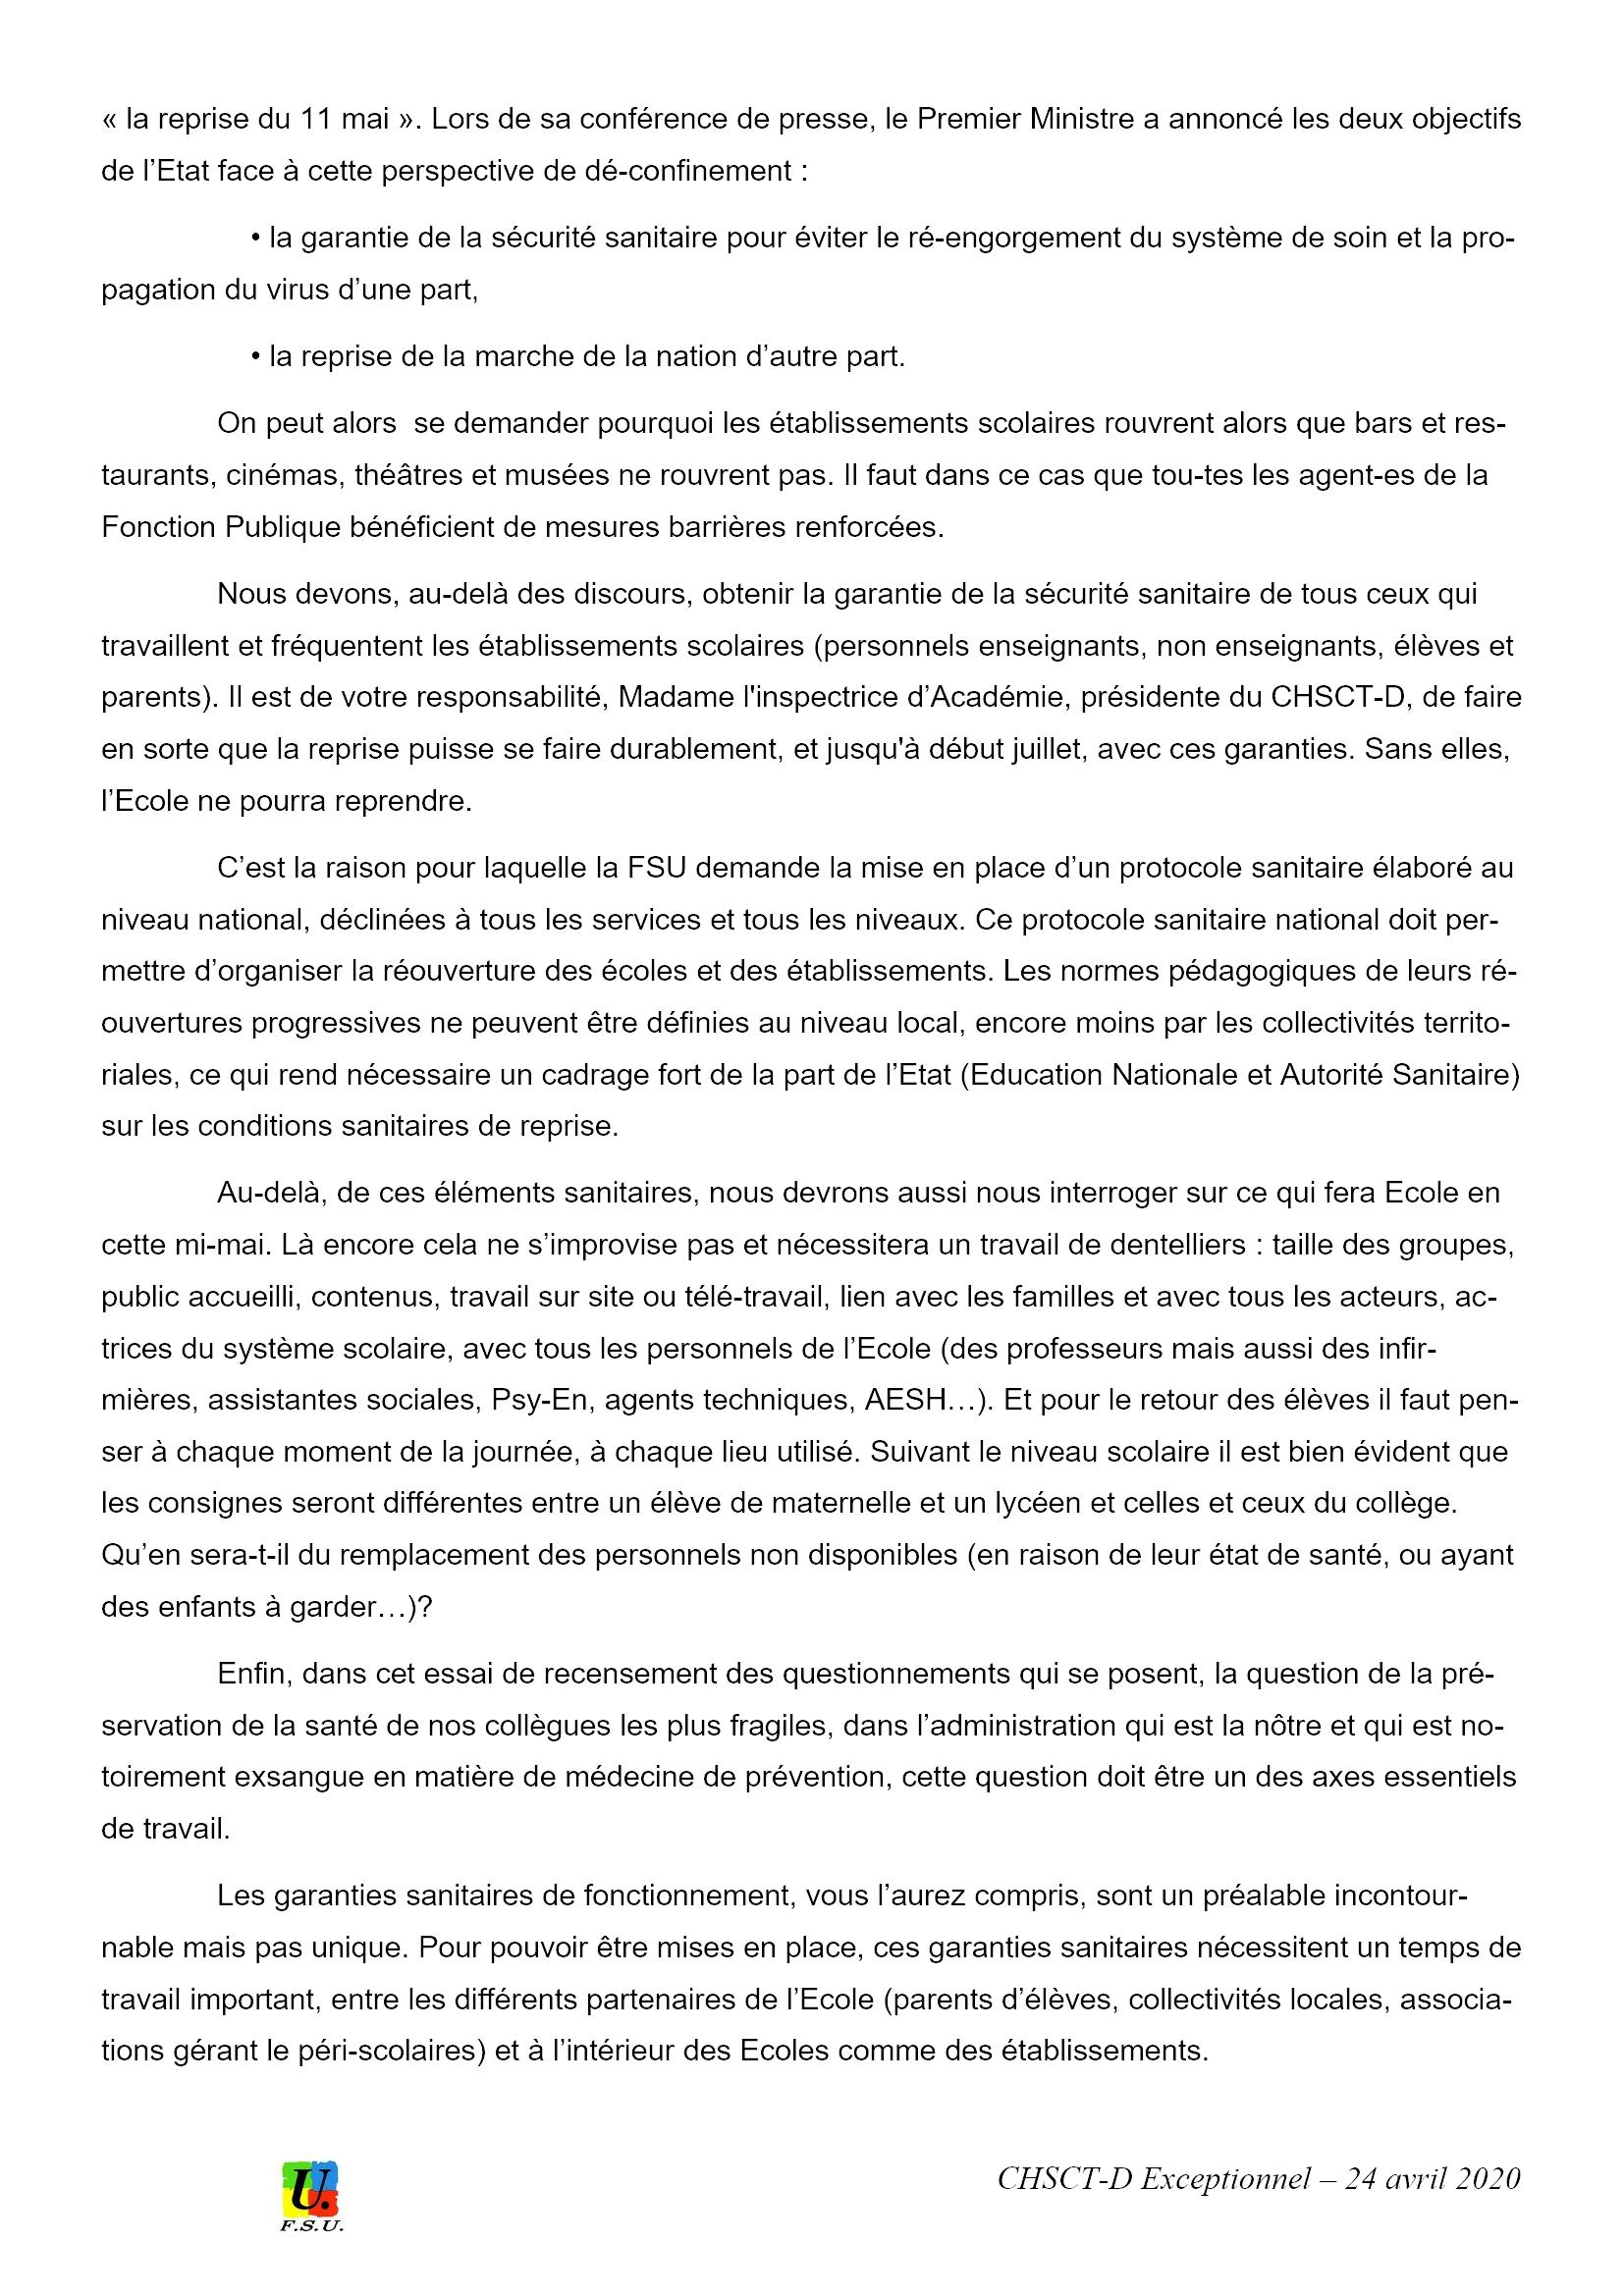 Éducation CHSCT-E&L 24-04-2020 Déclaration FSU 2x3